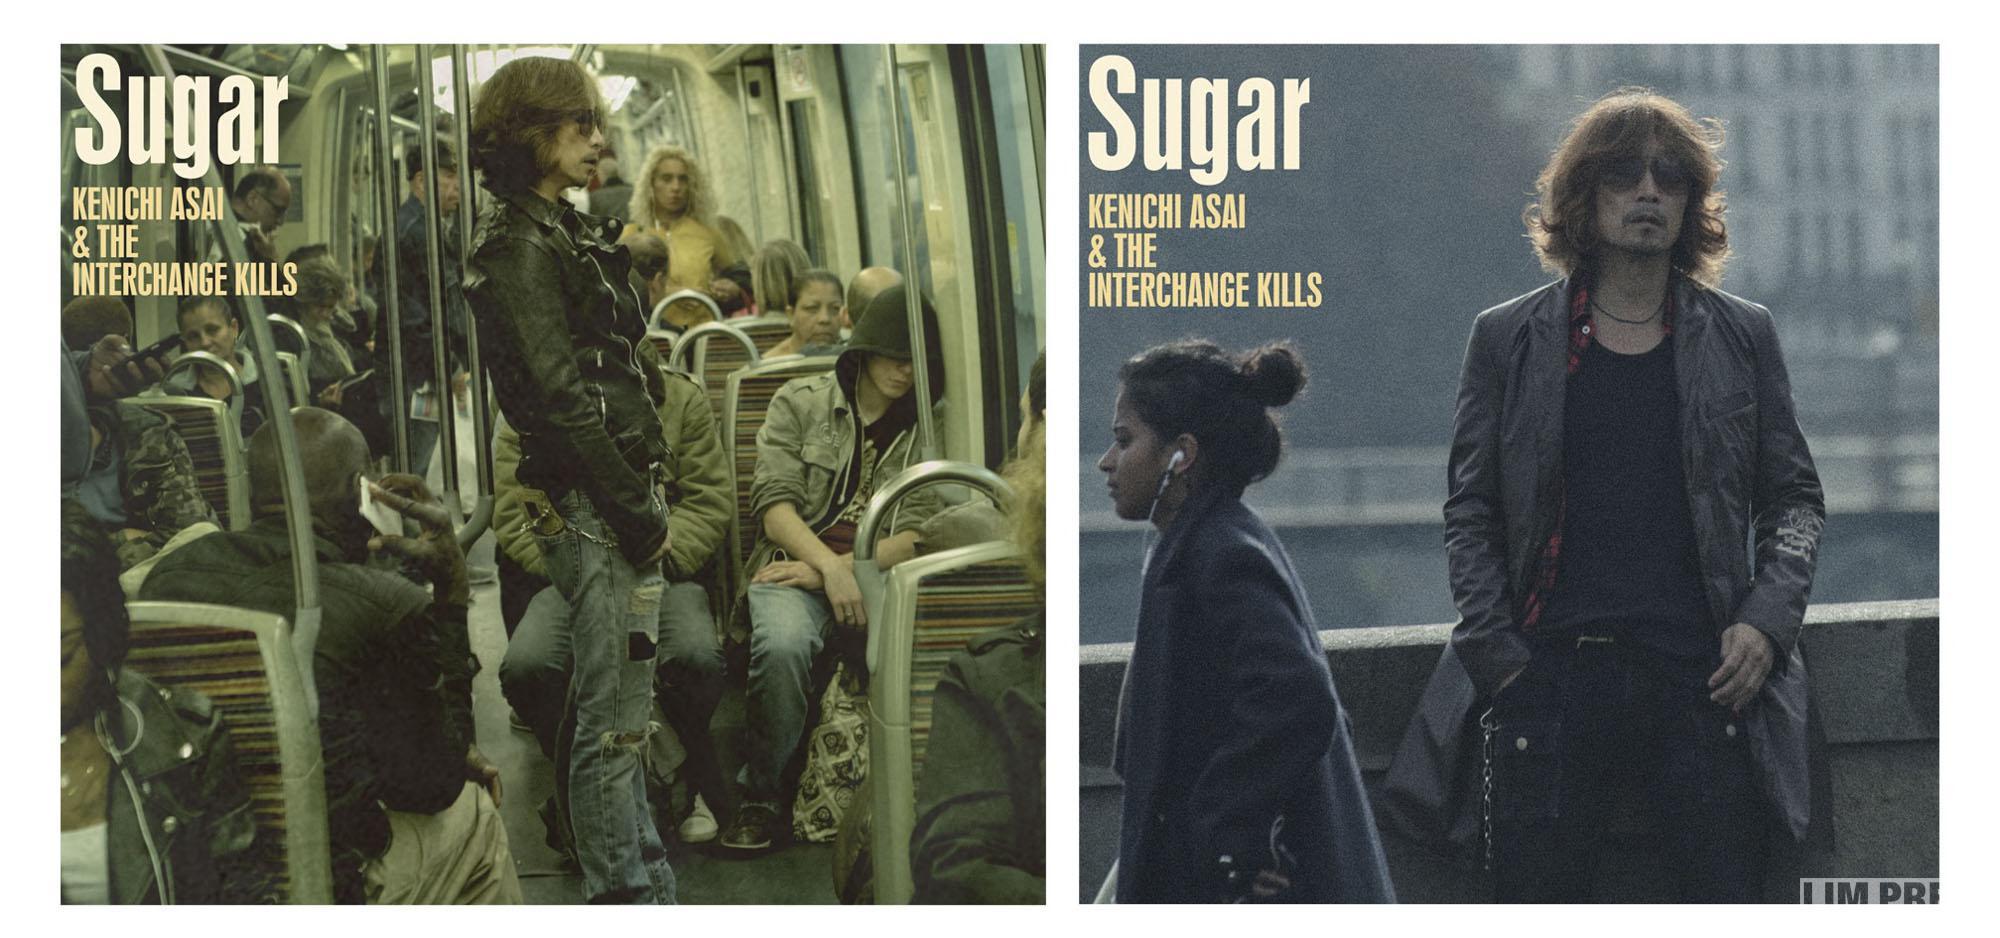 浅井健一& THE INTERCHANGE KILLS『Sugar Days Tour 2018』千葉LOOKを皮切りに全国ツアースタート!